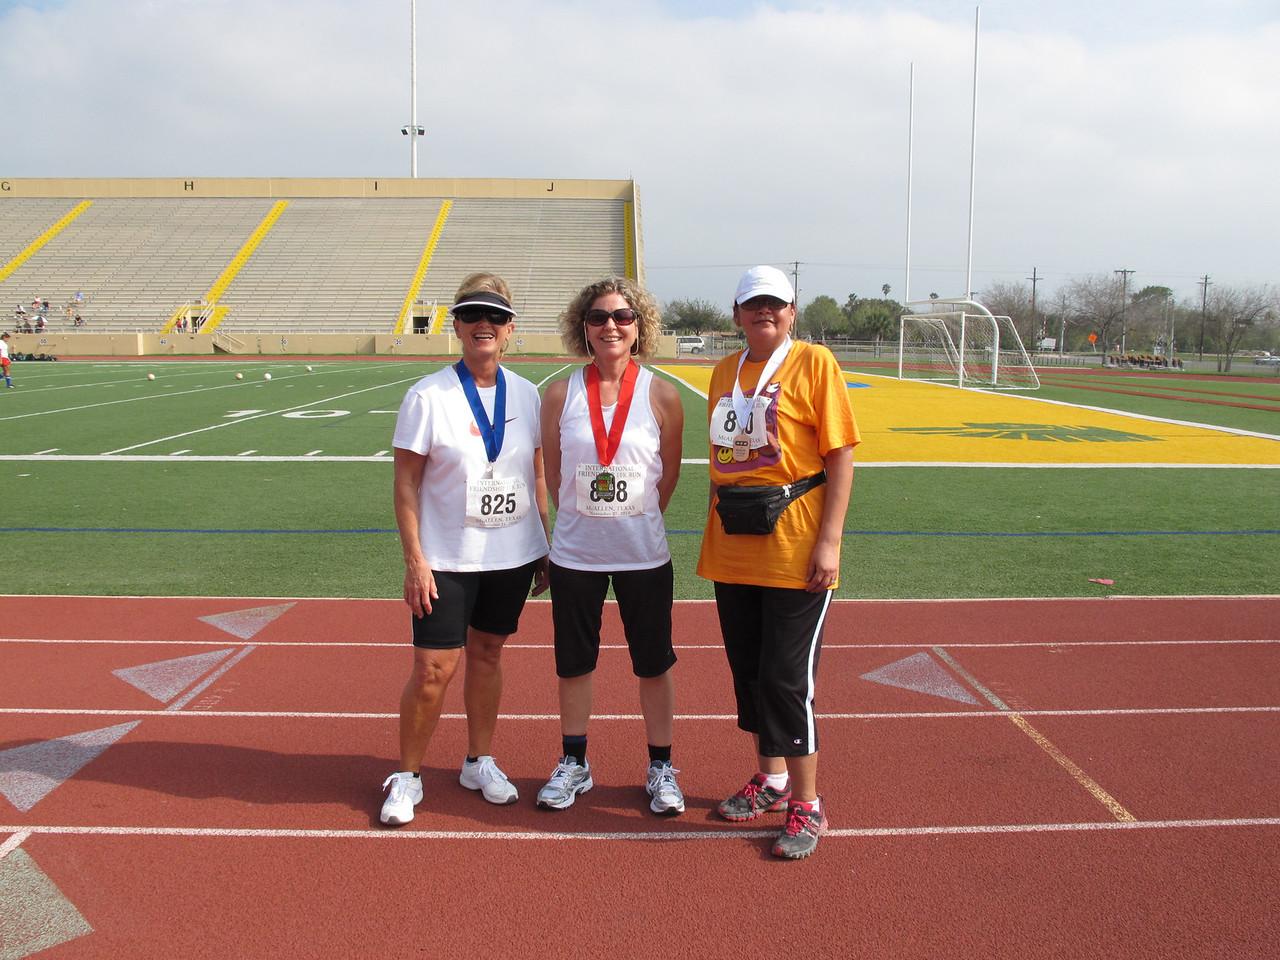 Racewalk Women 50-59 (L-R) 1st Place - Debra Glickley (Snow to Sun), 2nd Place - Debra Contestabile (Fiesta Village), 3rd Place - Alma Cavazos (McAllen).